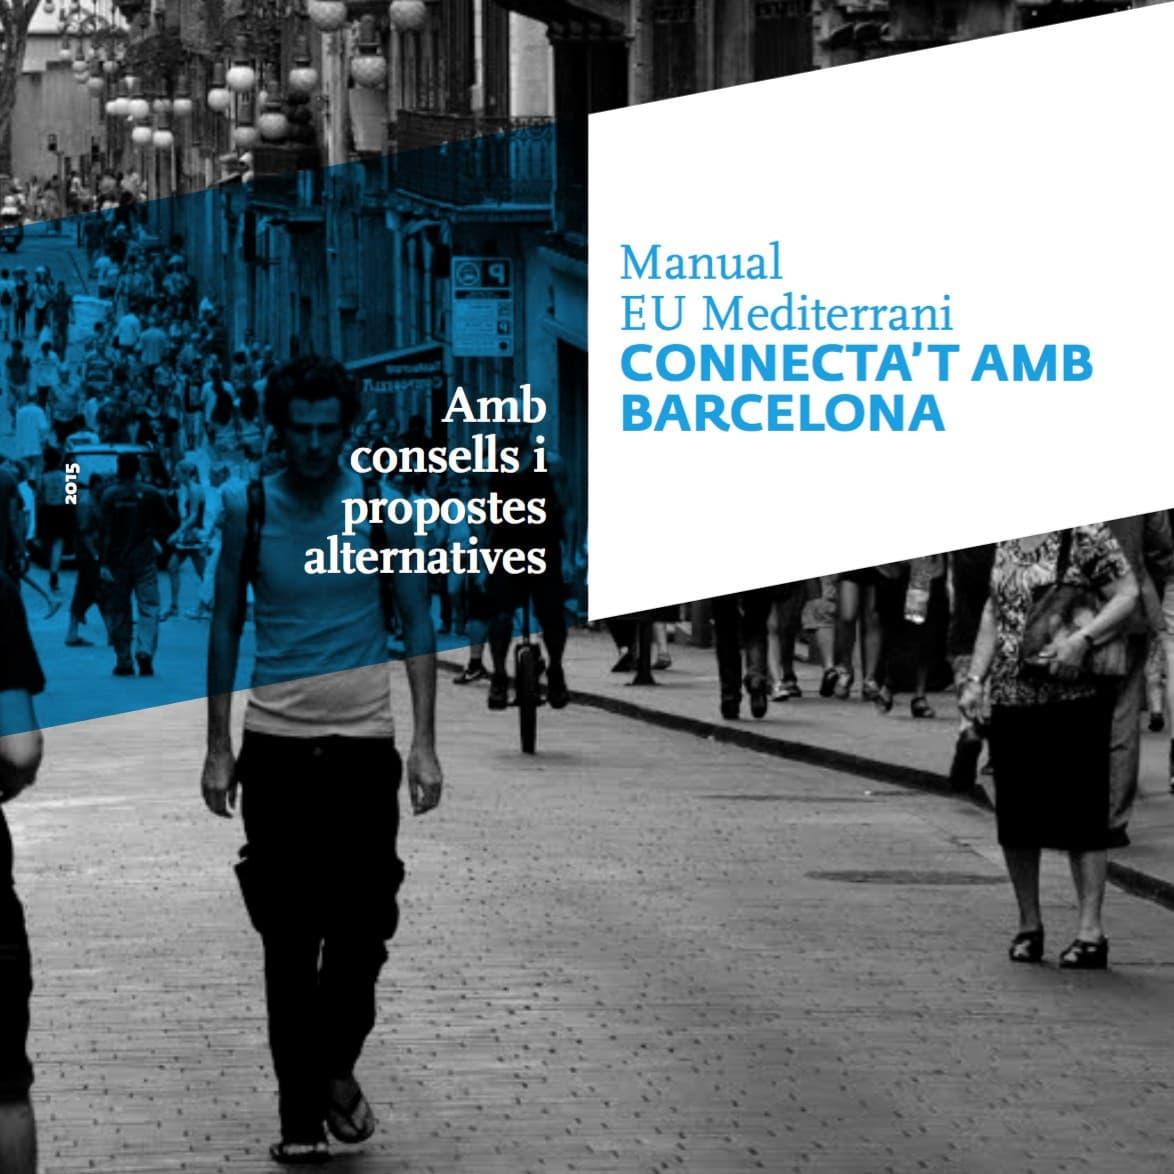 EU Mediterrani diseña un manual para conectar con Barcelona